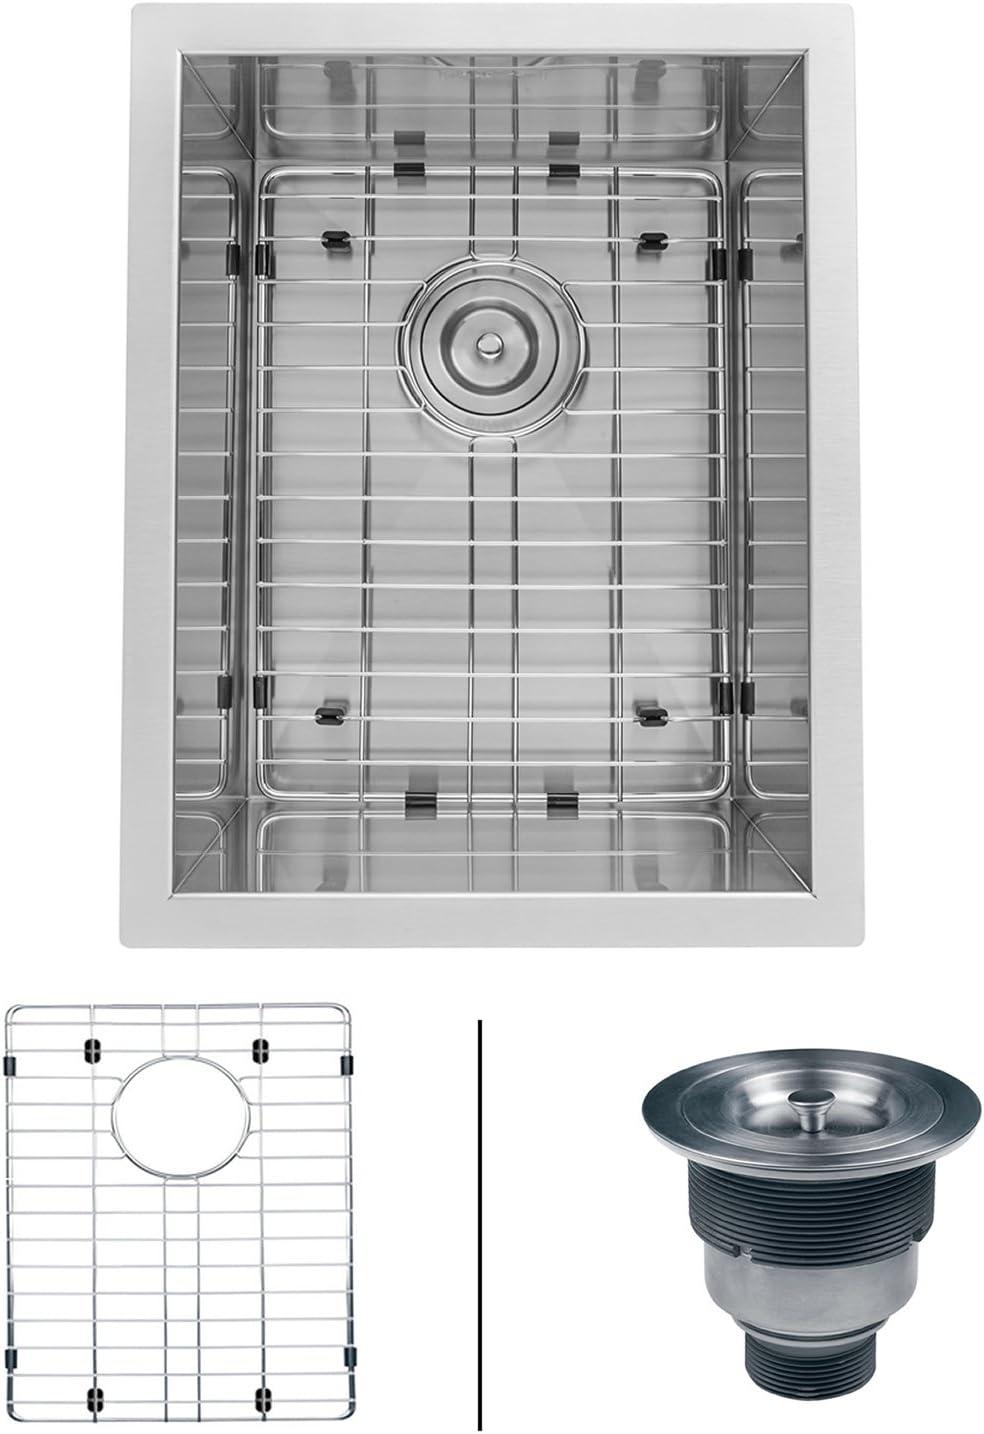 Ruvati 14-inch Undermount 16 Gauge Zero Raduis Bar Prep Kitchen Sink Stainless Steel Single Bowl – RVH7110